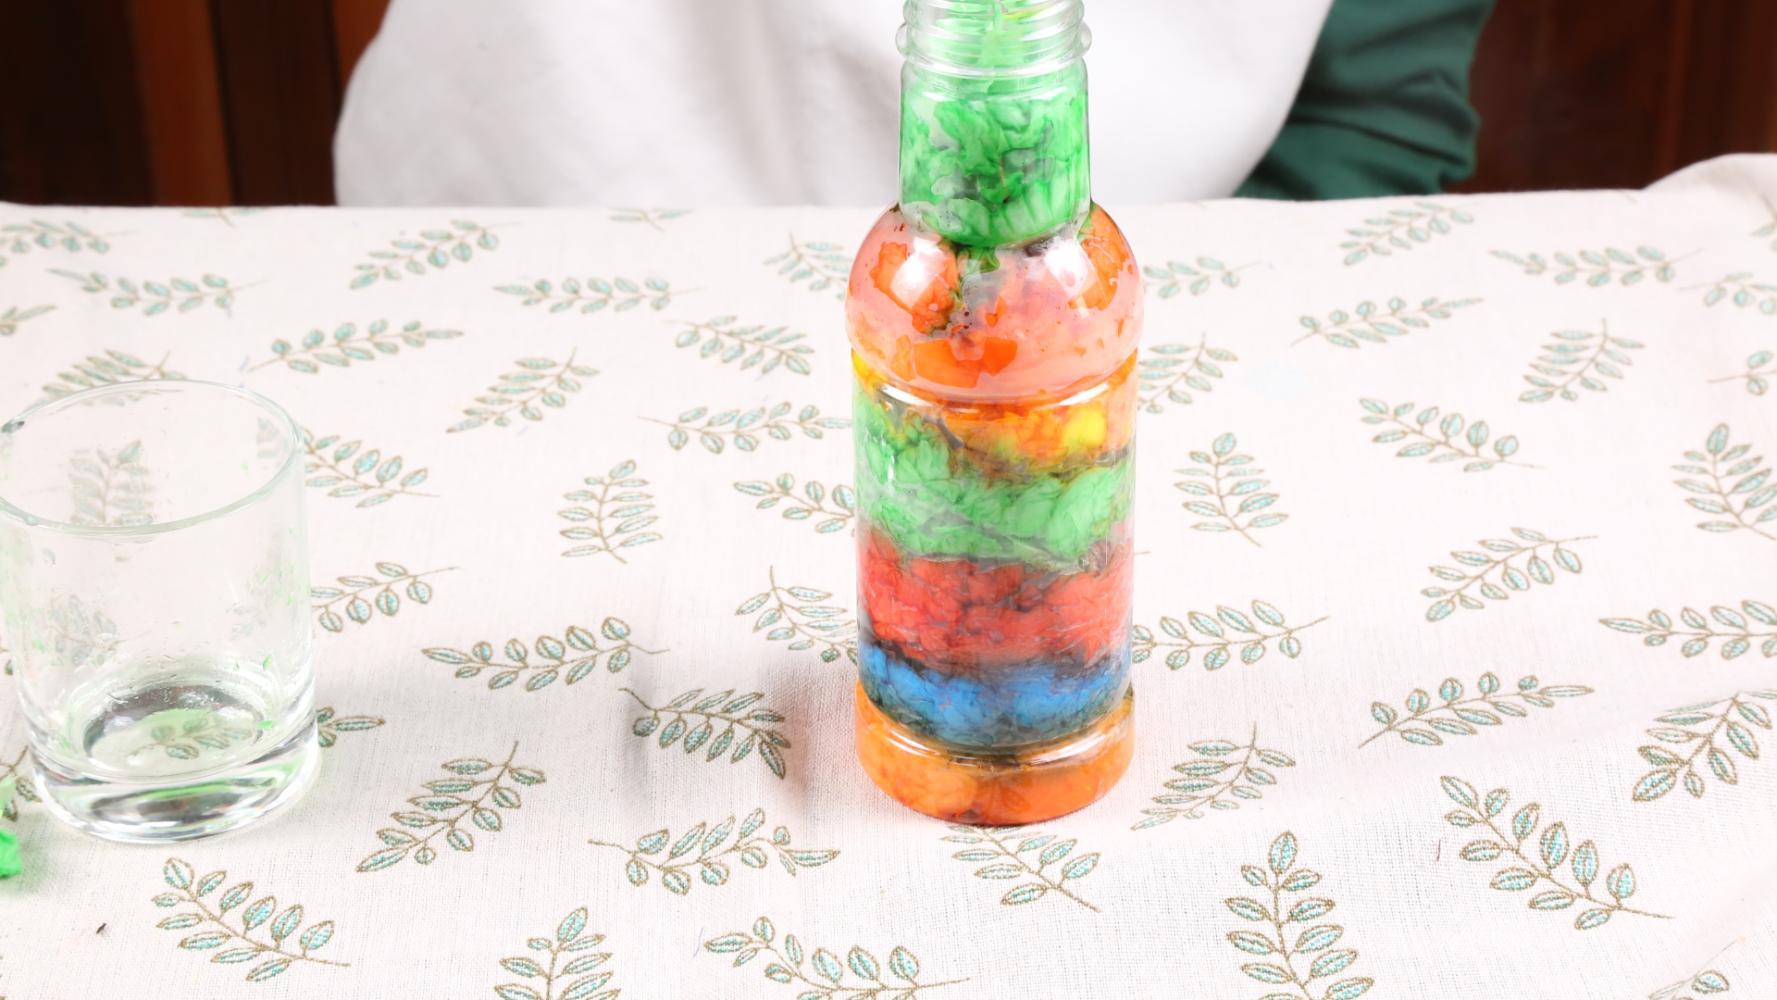 空瓶子废物利用_姑娘用空瓶子做个彩虹瓶,摆在书架上真好看,废物利用又省钱